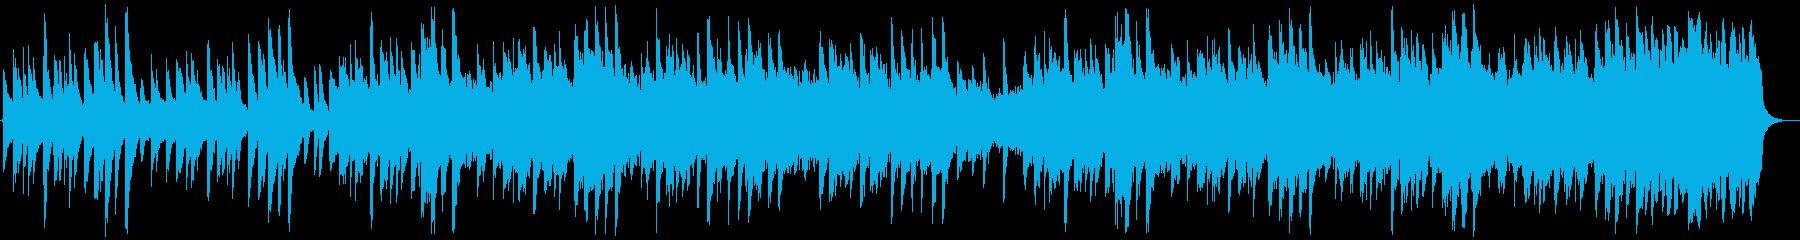 ゆっくりで静かな切ないBGMの再生済みの波形